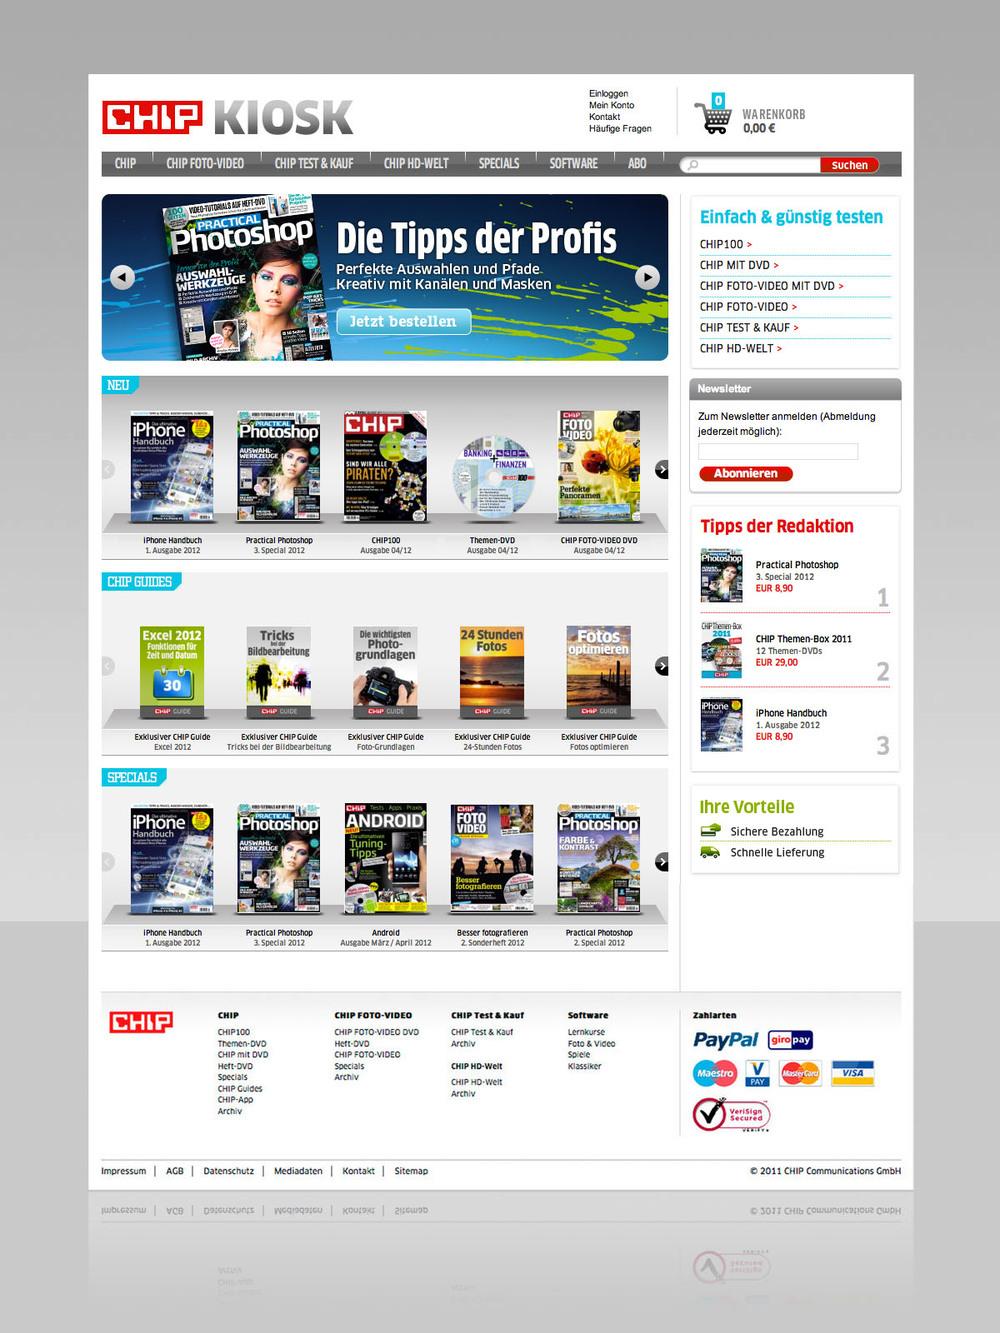 Homepage. Produktwerbung im Slider oben.